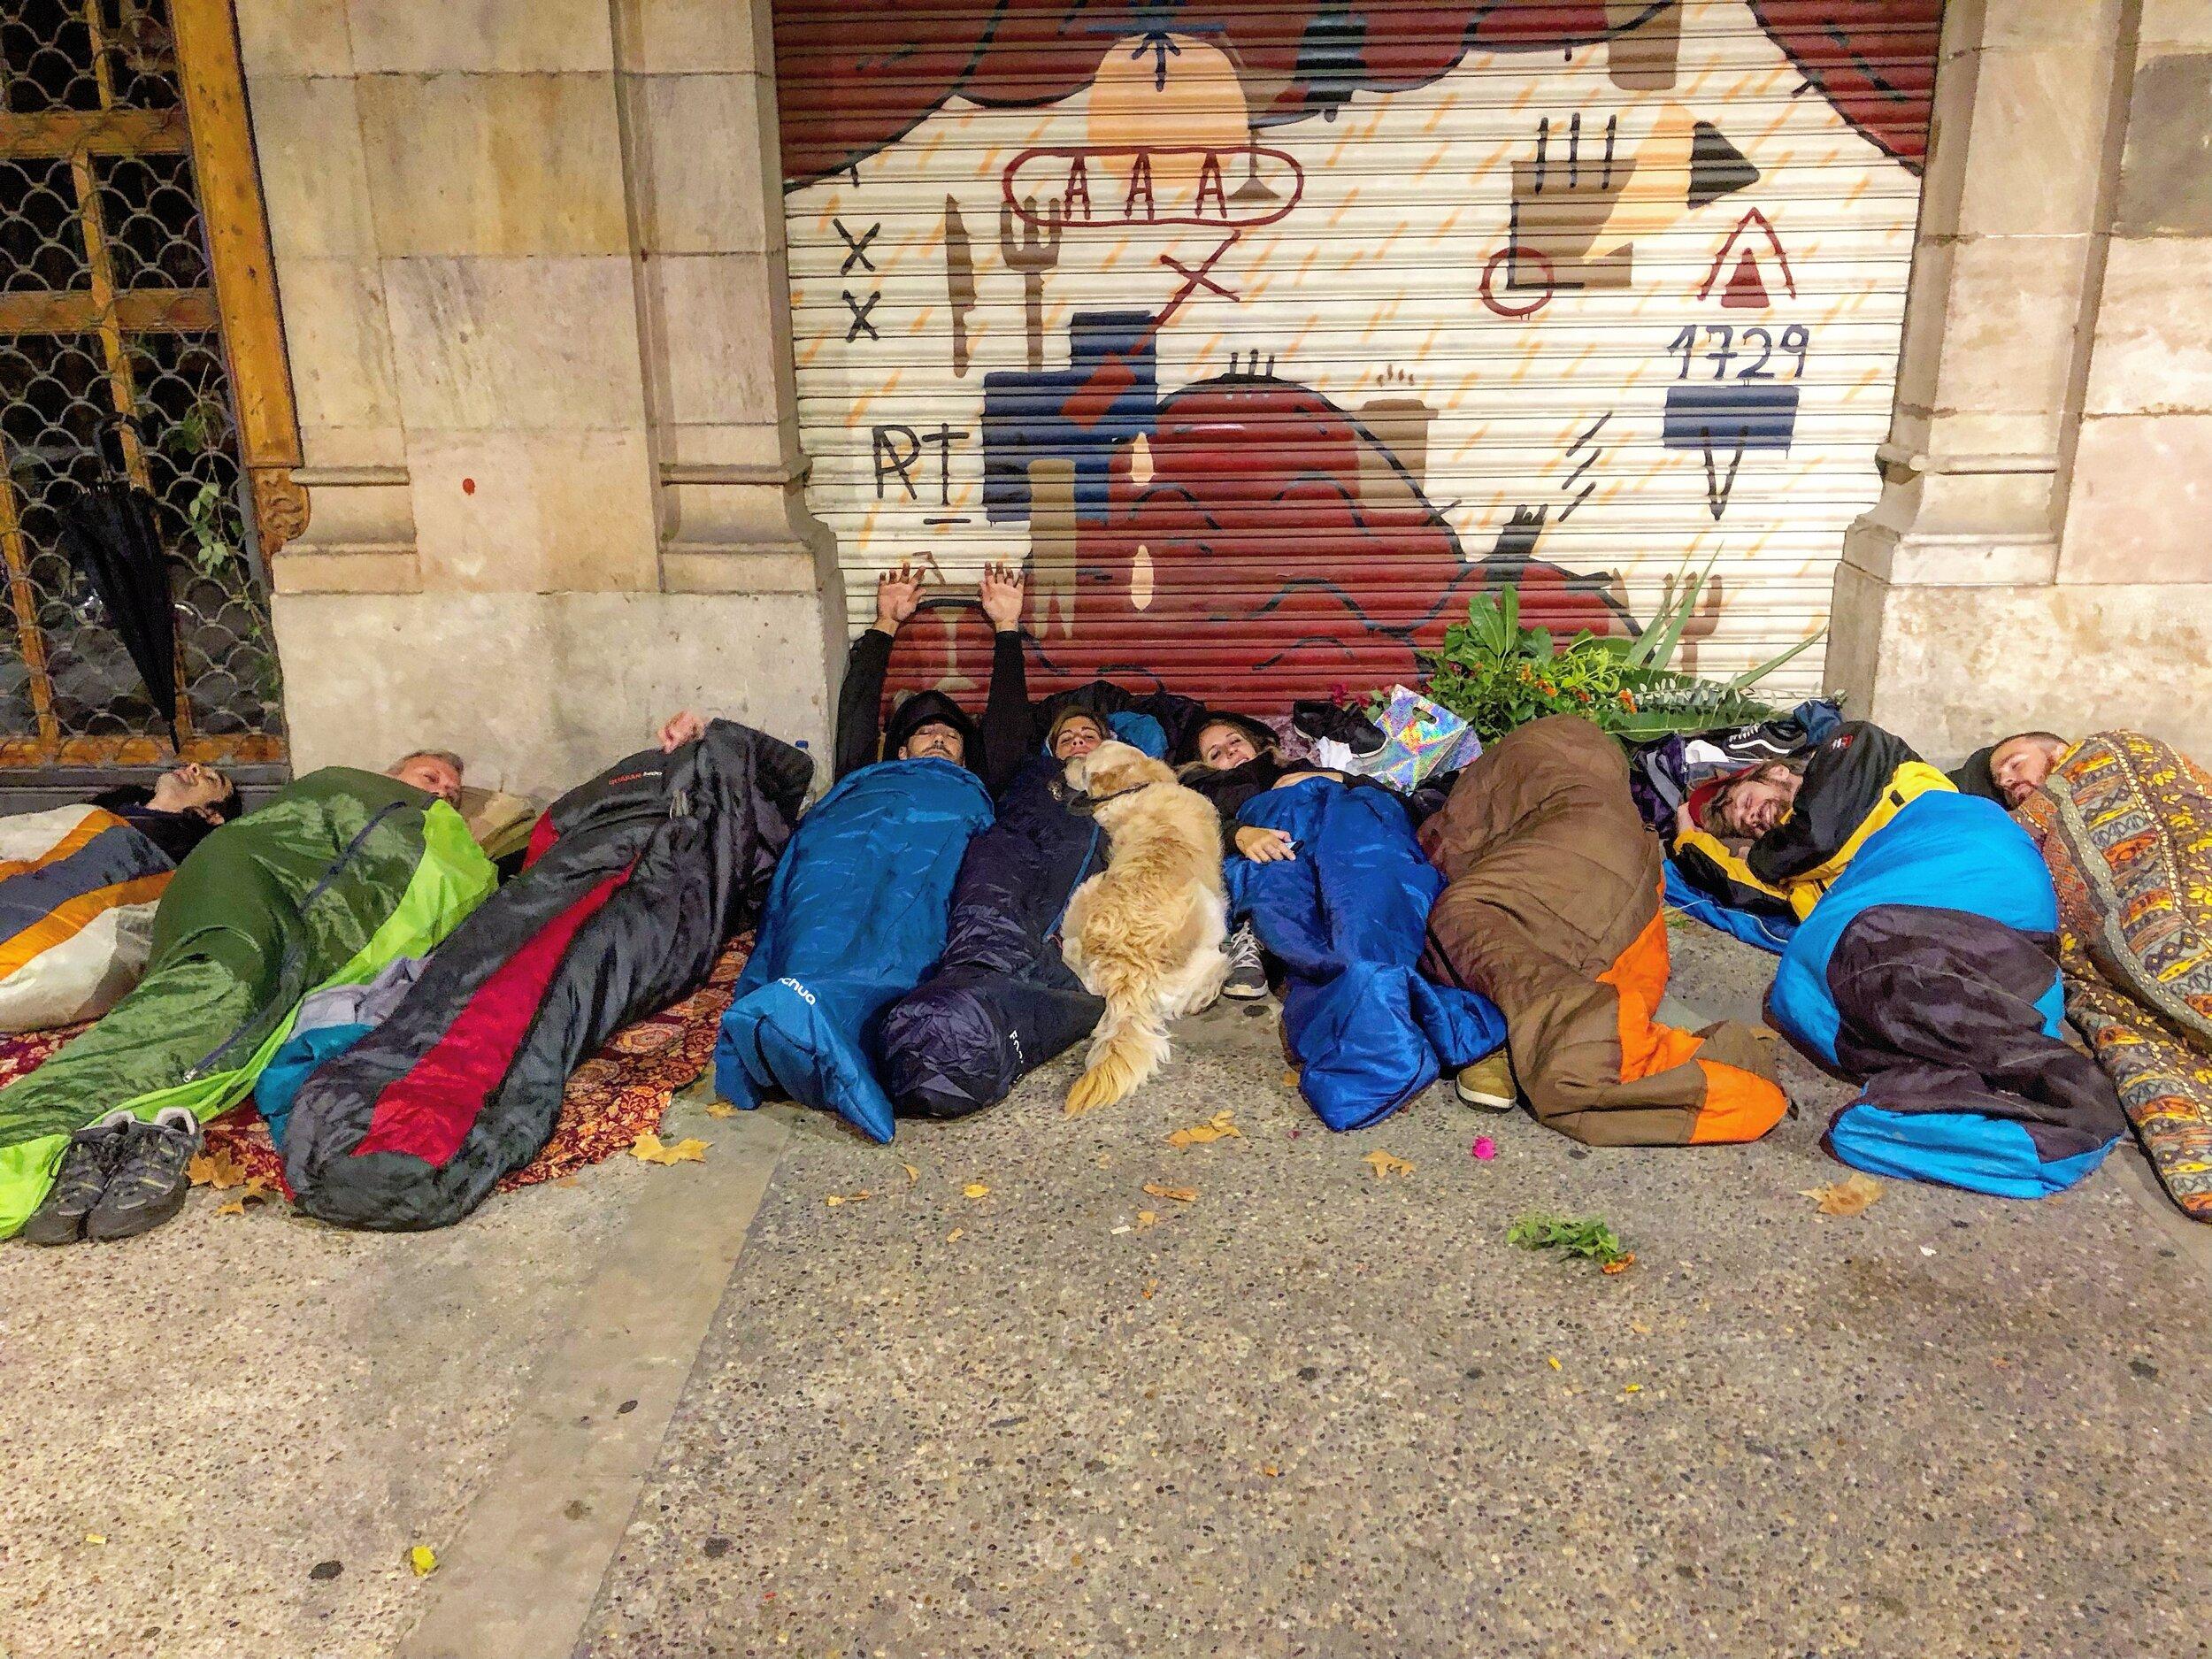 Dormimos en Paseo de Picasso para evitar la lluvia y viento que no paró. Es la primera vez que no dormimos al lado del monument a Rafael Casanova pero ha sido por una situación fuera de nuestras manos.